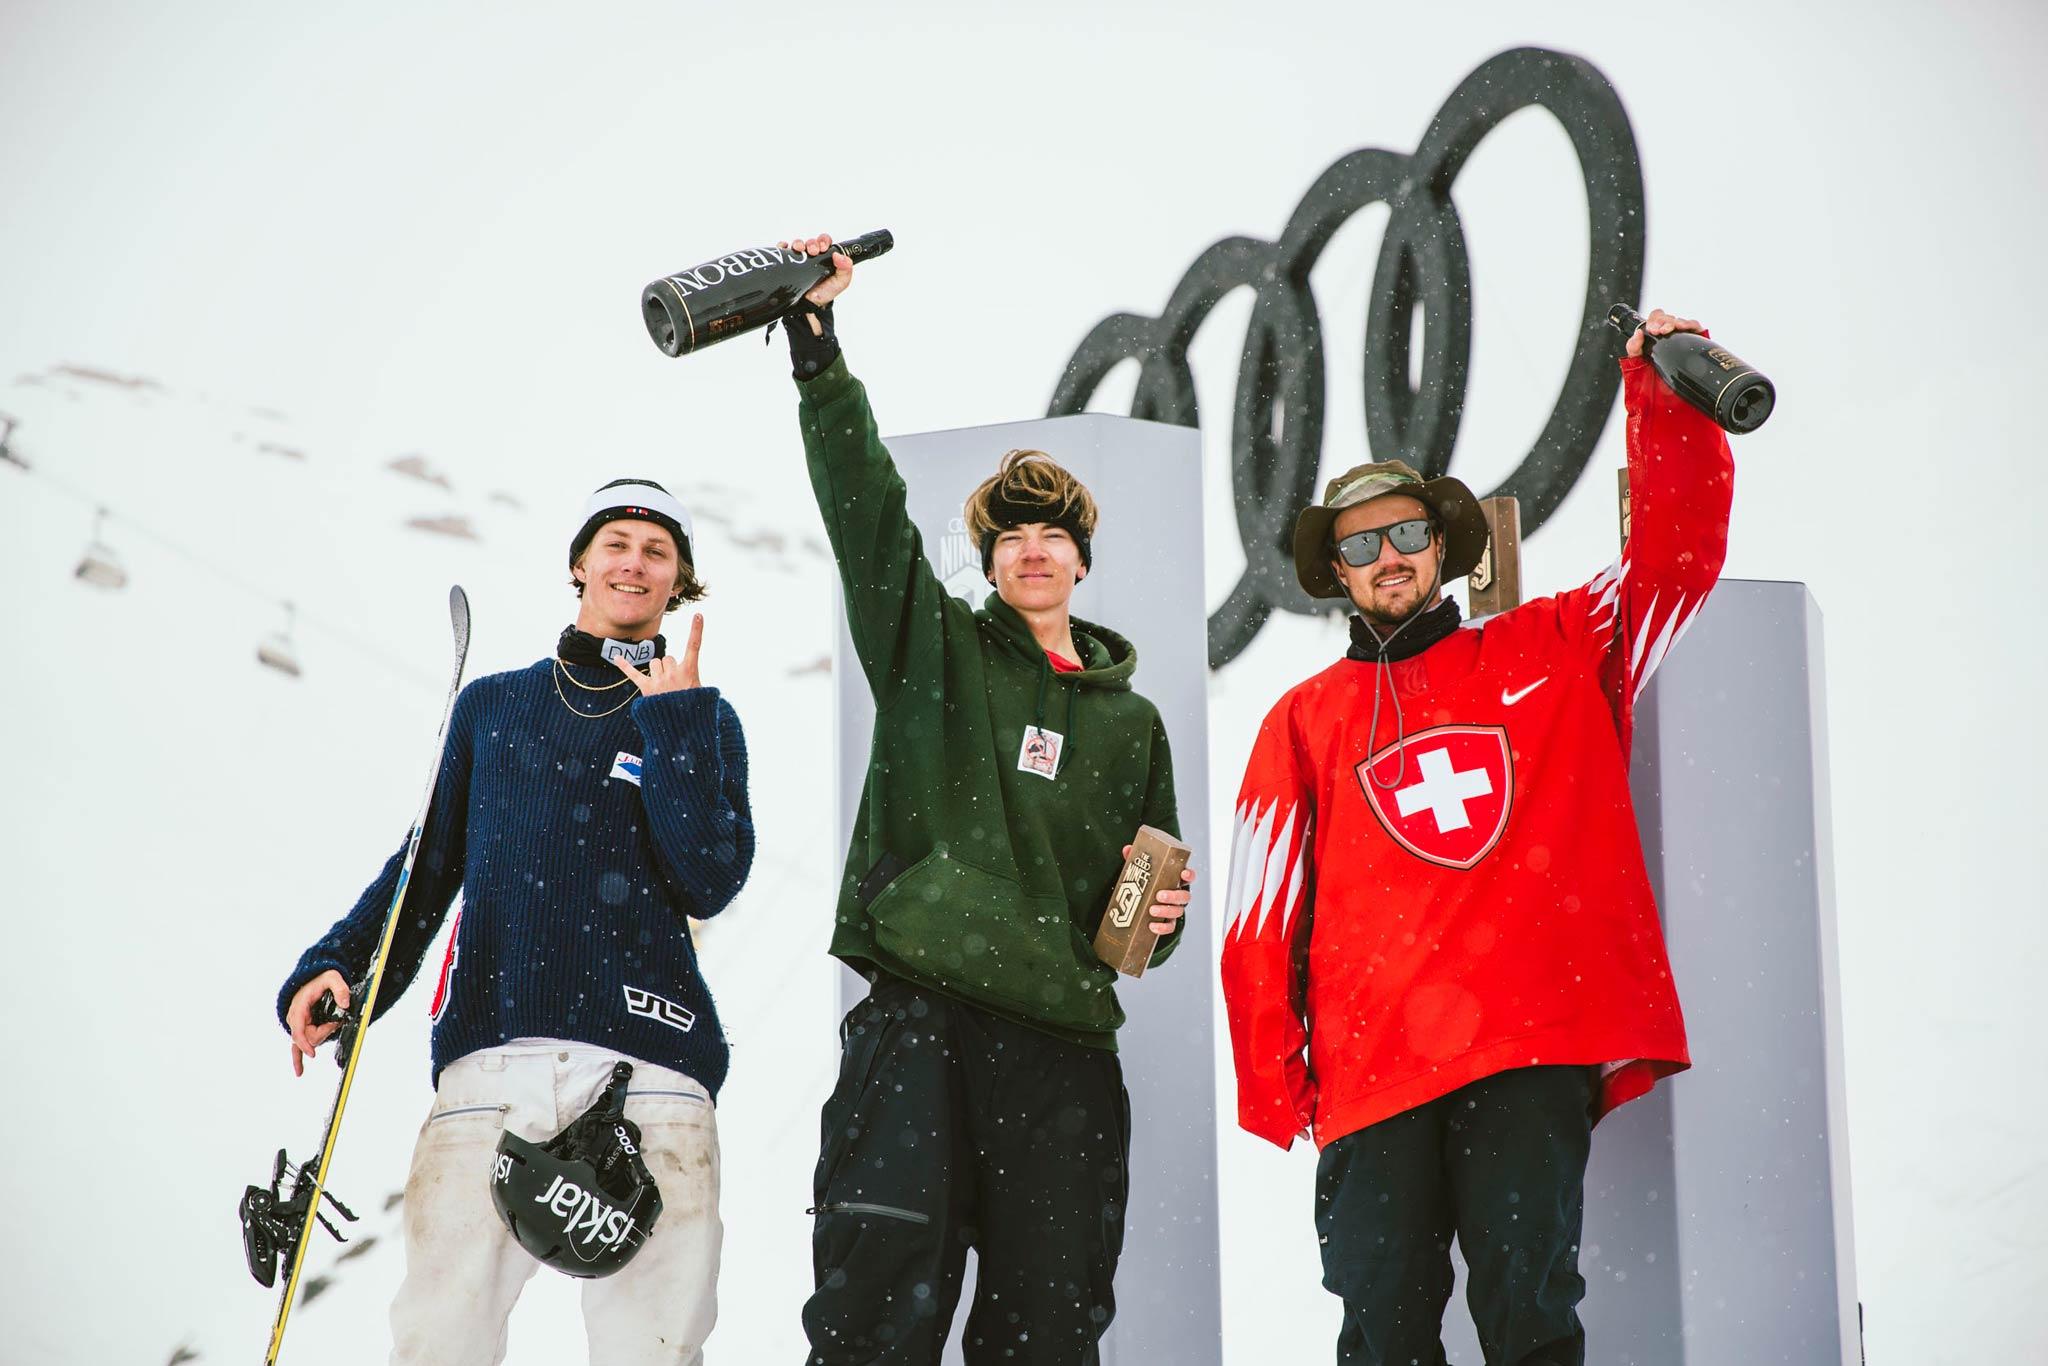 Die Gewinner bei den Männern: Birk Ruud, Eias Syrja & Fabian Bösch - Foto: David Malacrida